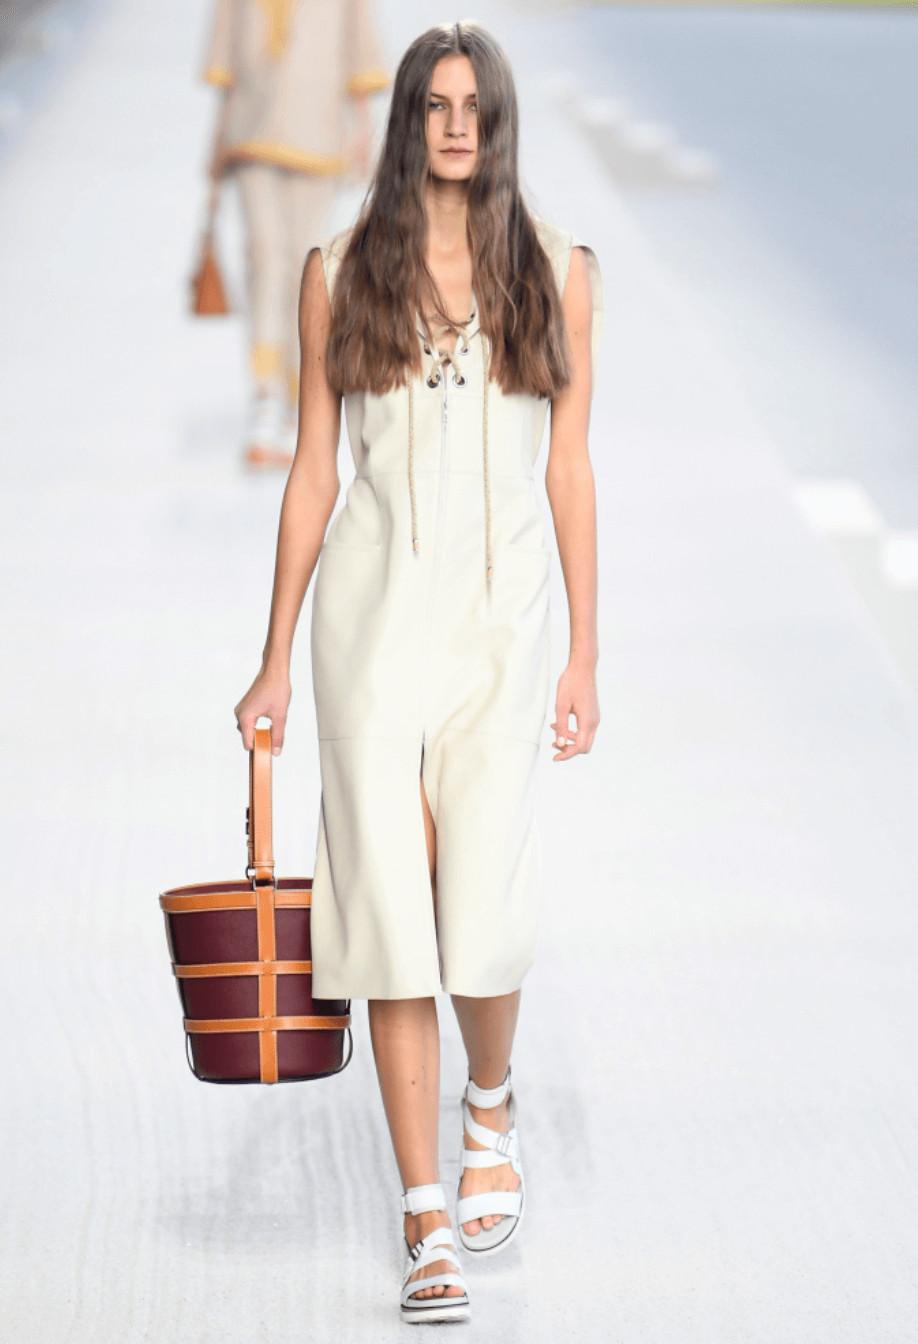 Hermès Paris Fashion Week SS19